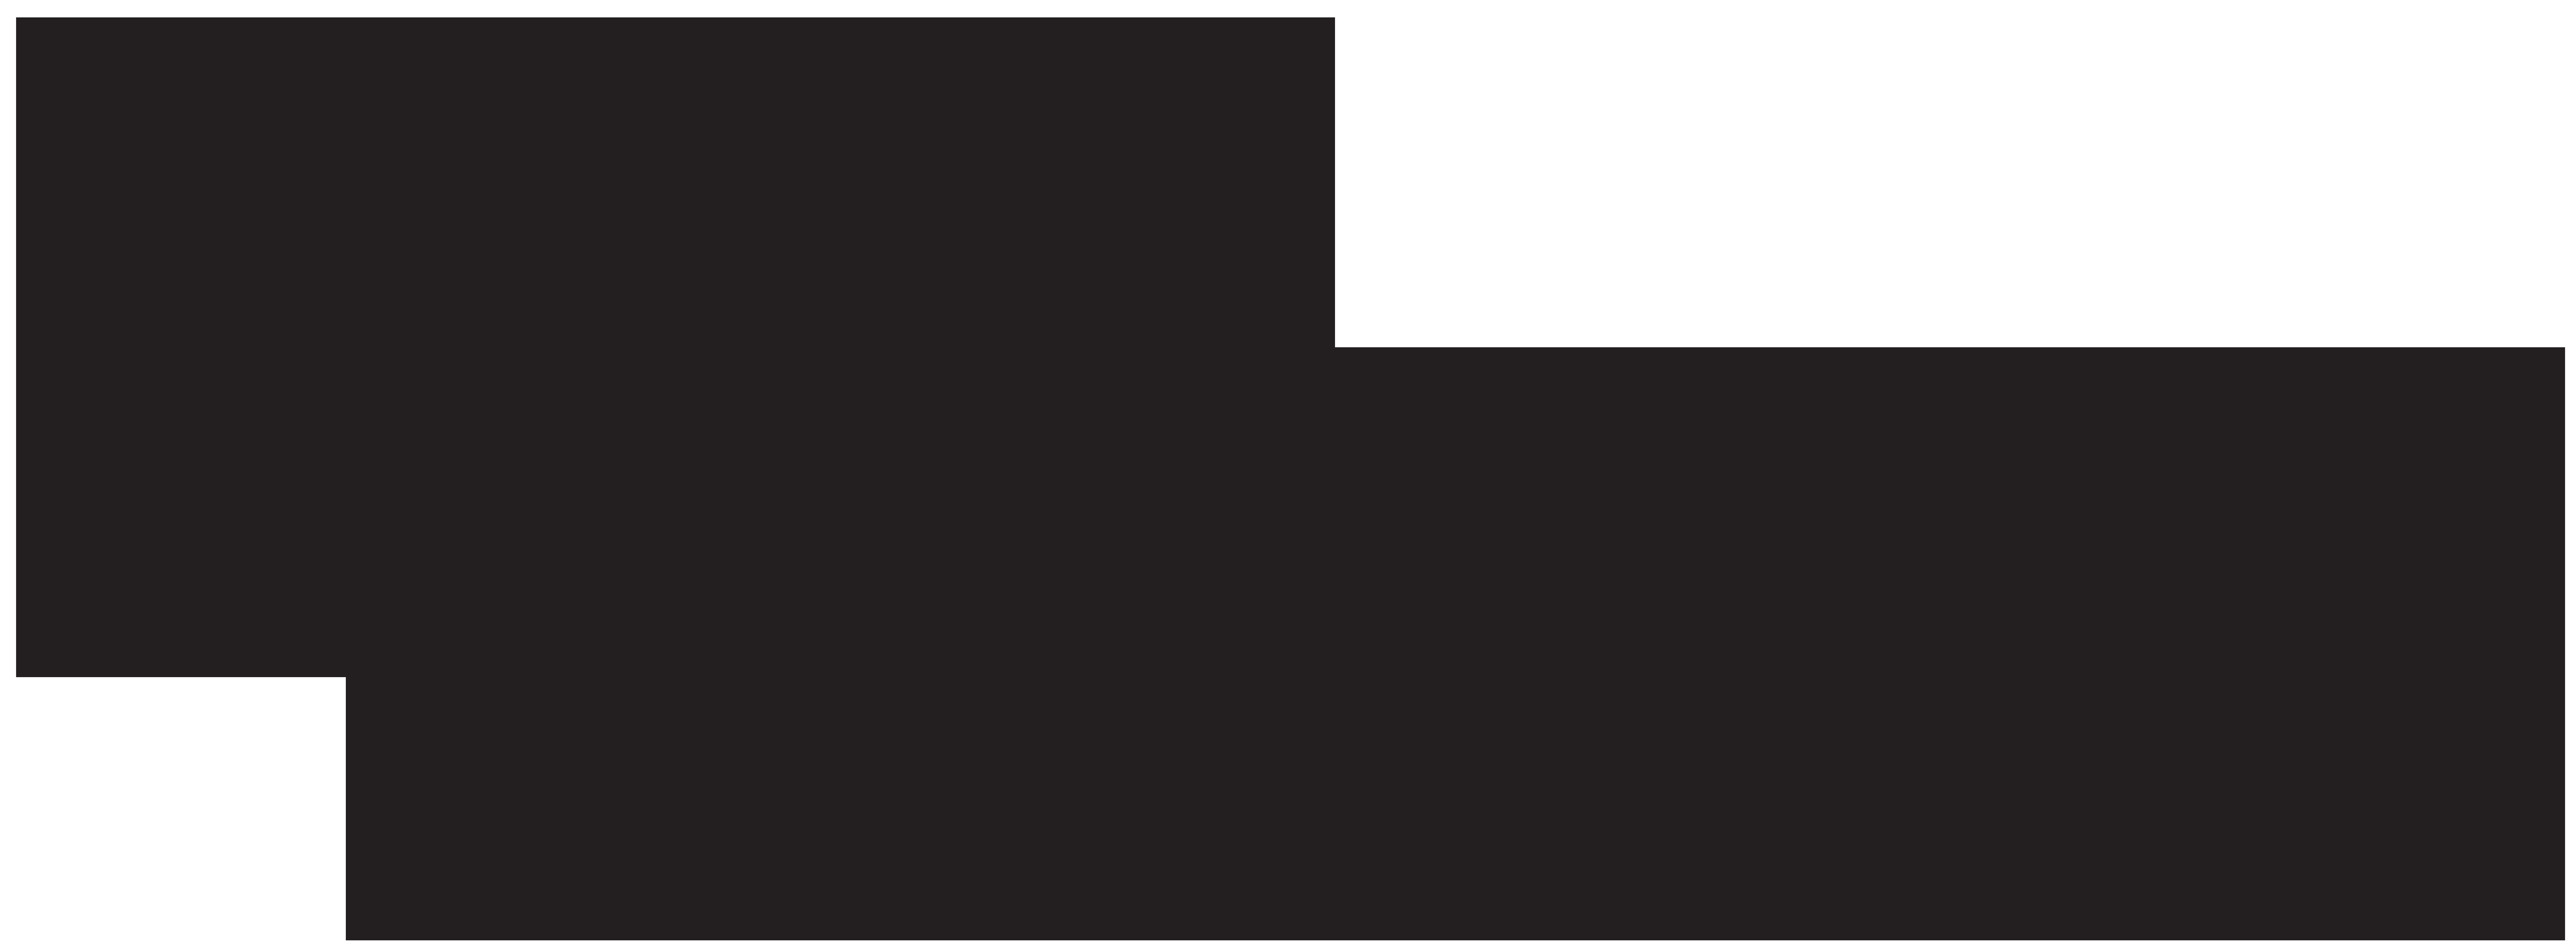 Diver clipart silhouette. Png clip art image